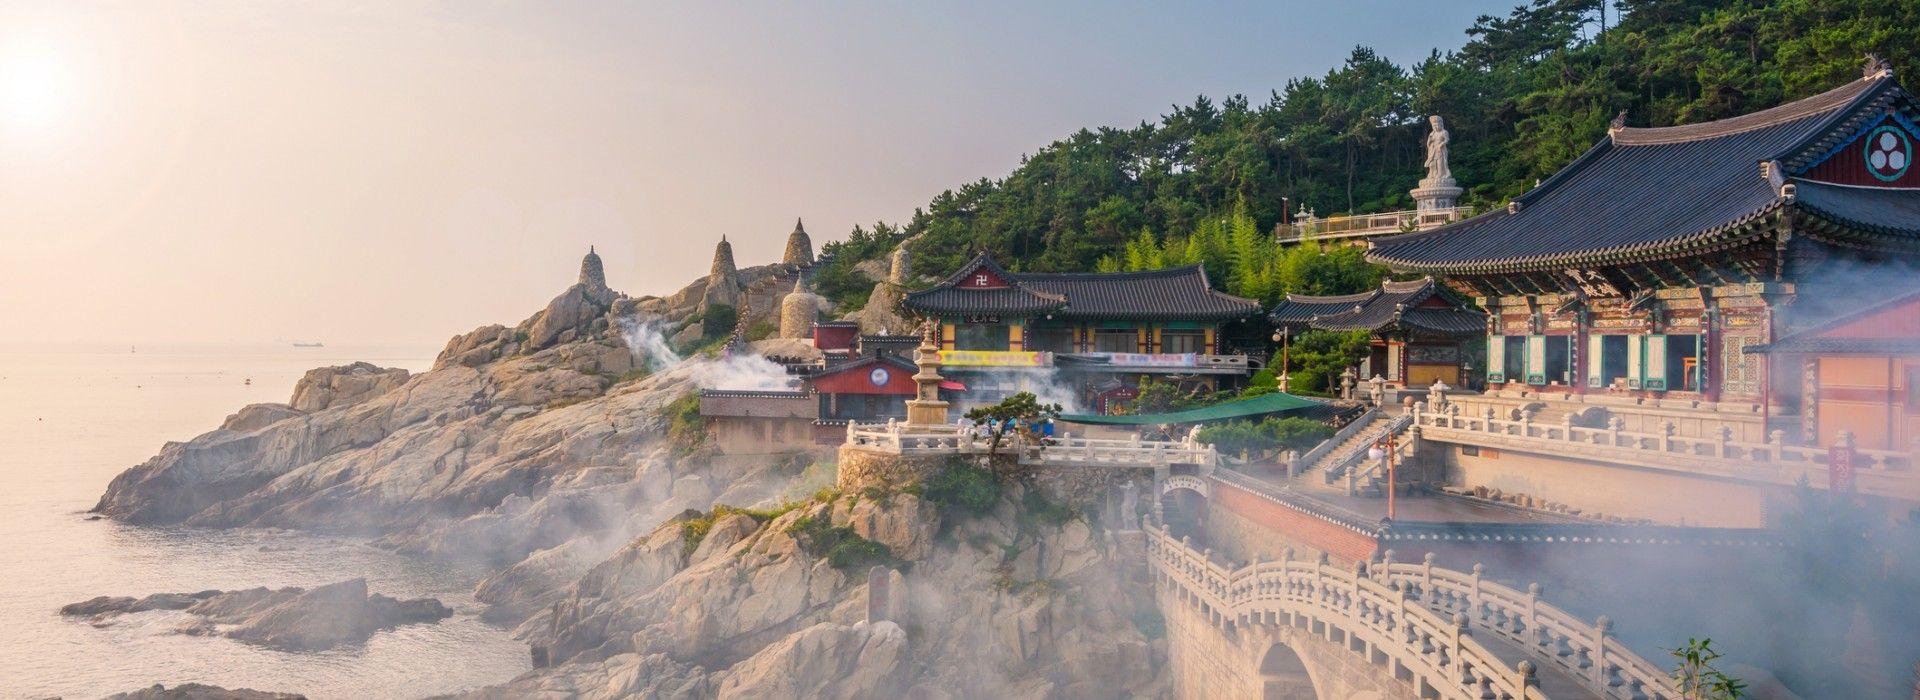 Natural landmarks sightseeing Tours in Jeonju Hanok Village